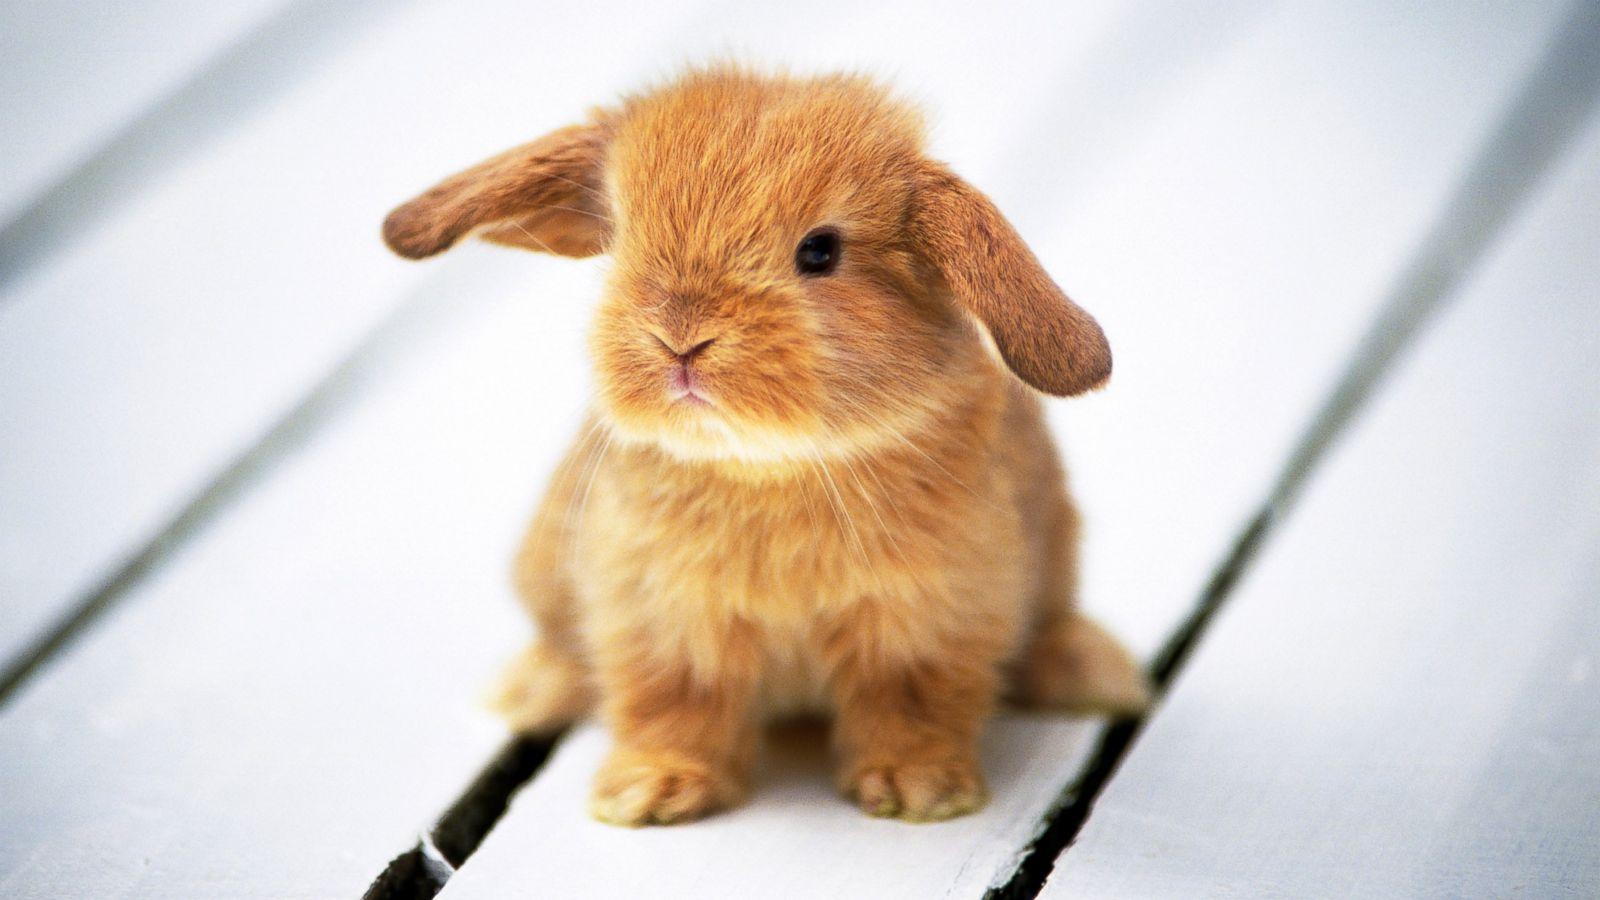 Hình ảnh bé thỏ con xinh xắn lông vàng